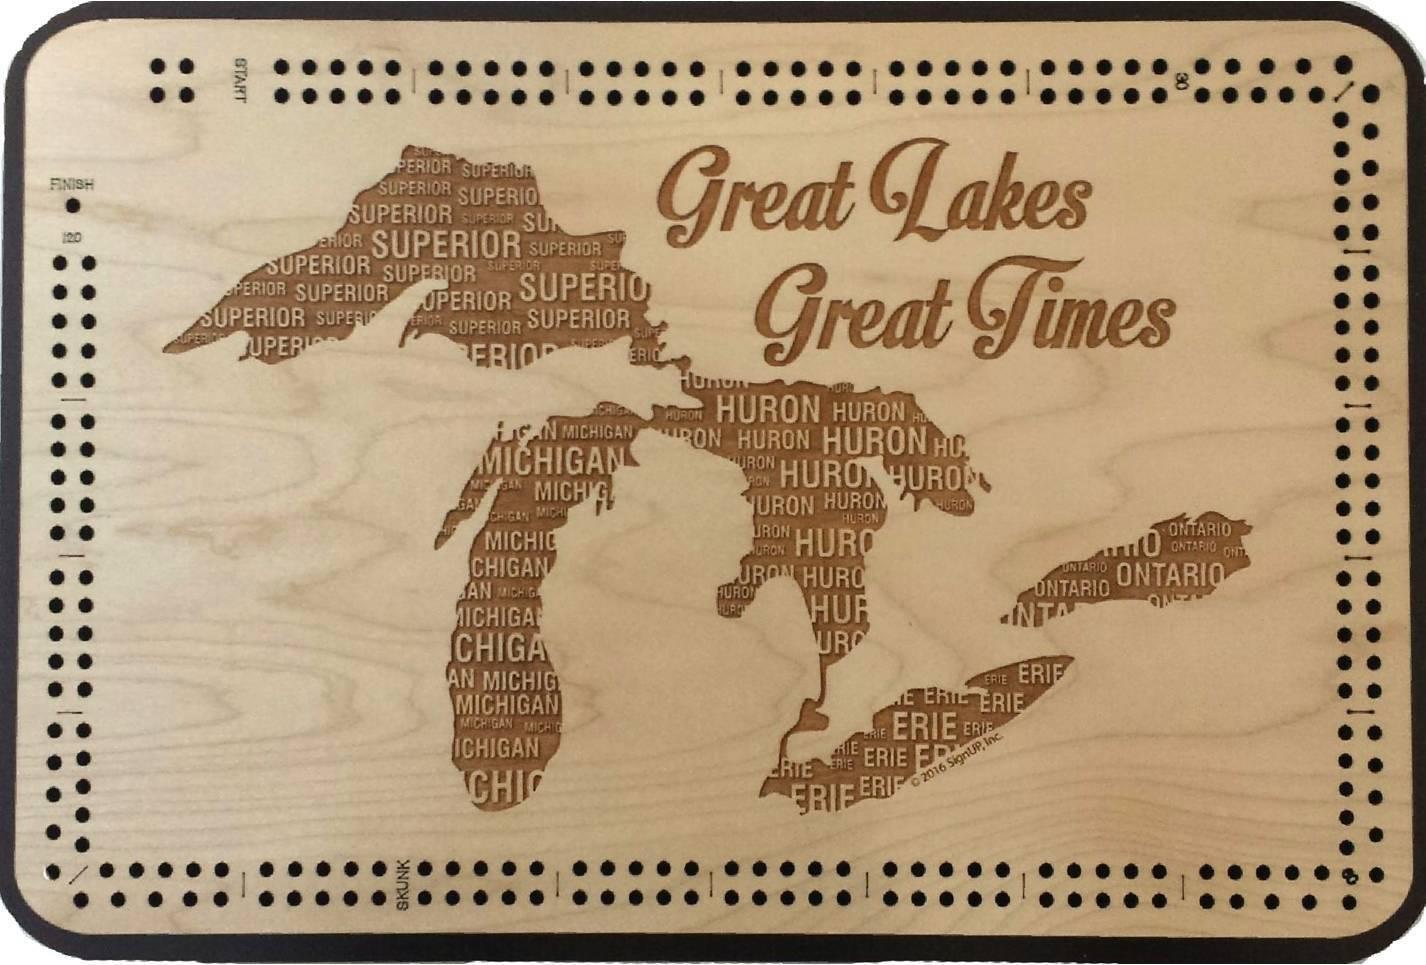 descuento de ventas Los Los Los Grandes Lagos grandes momentos Cribbage Board-gran lago Decoración  venta de ofertas